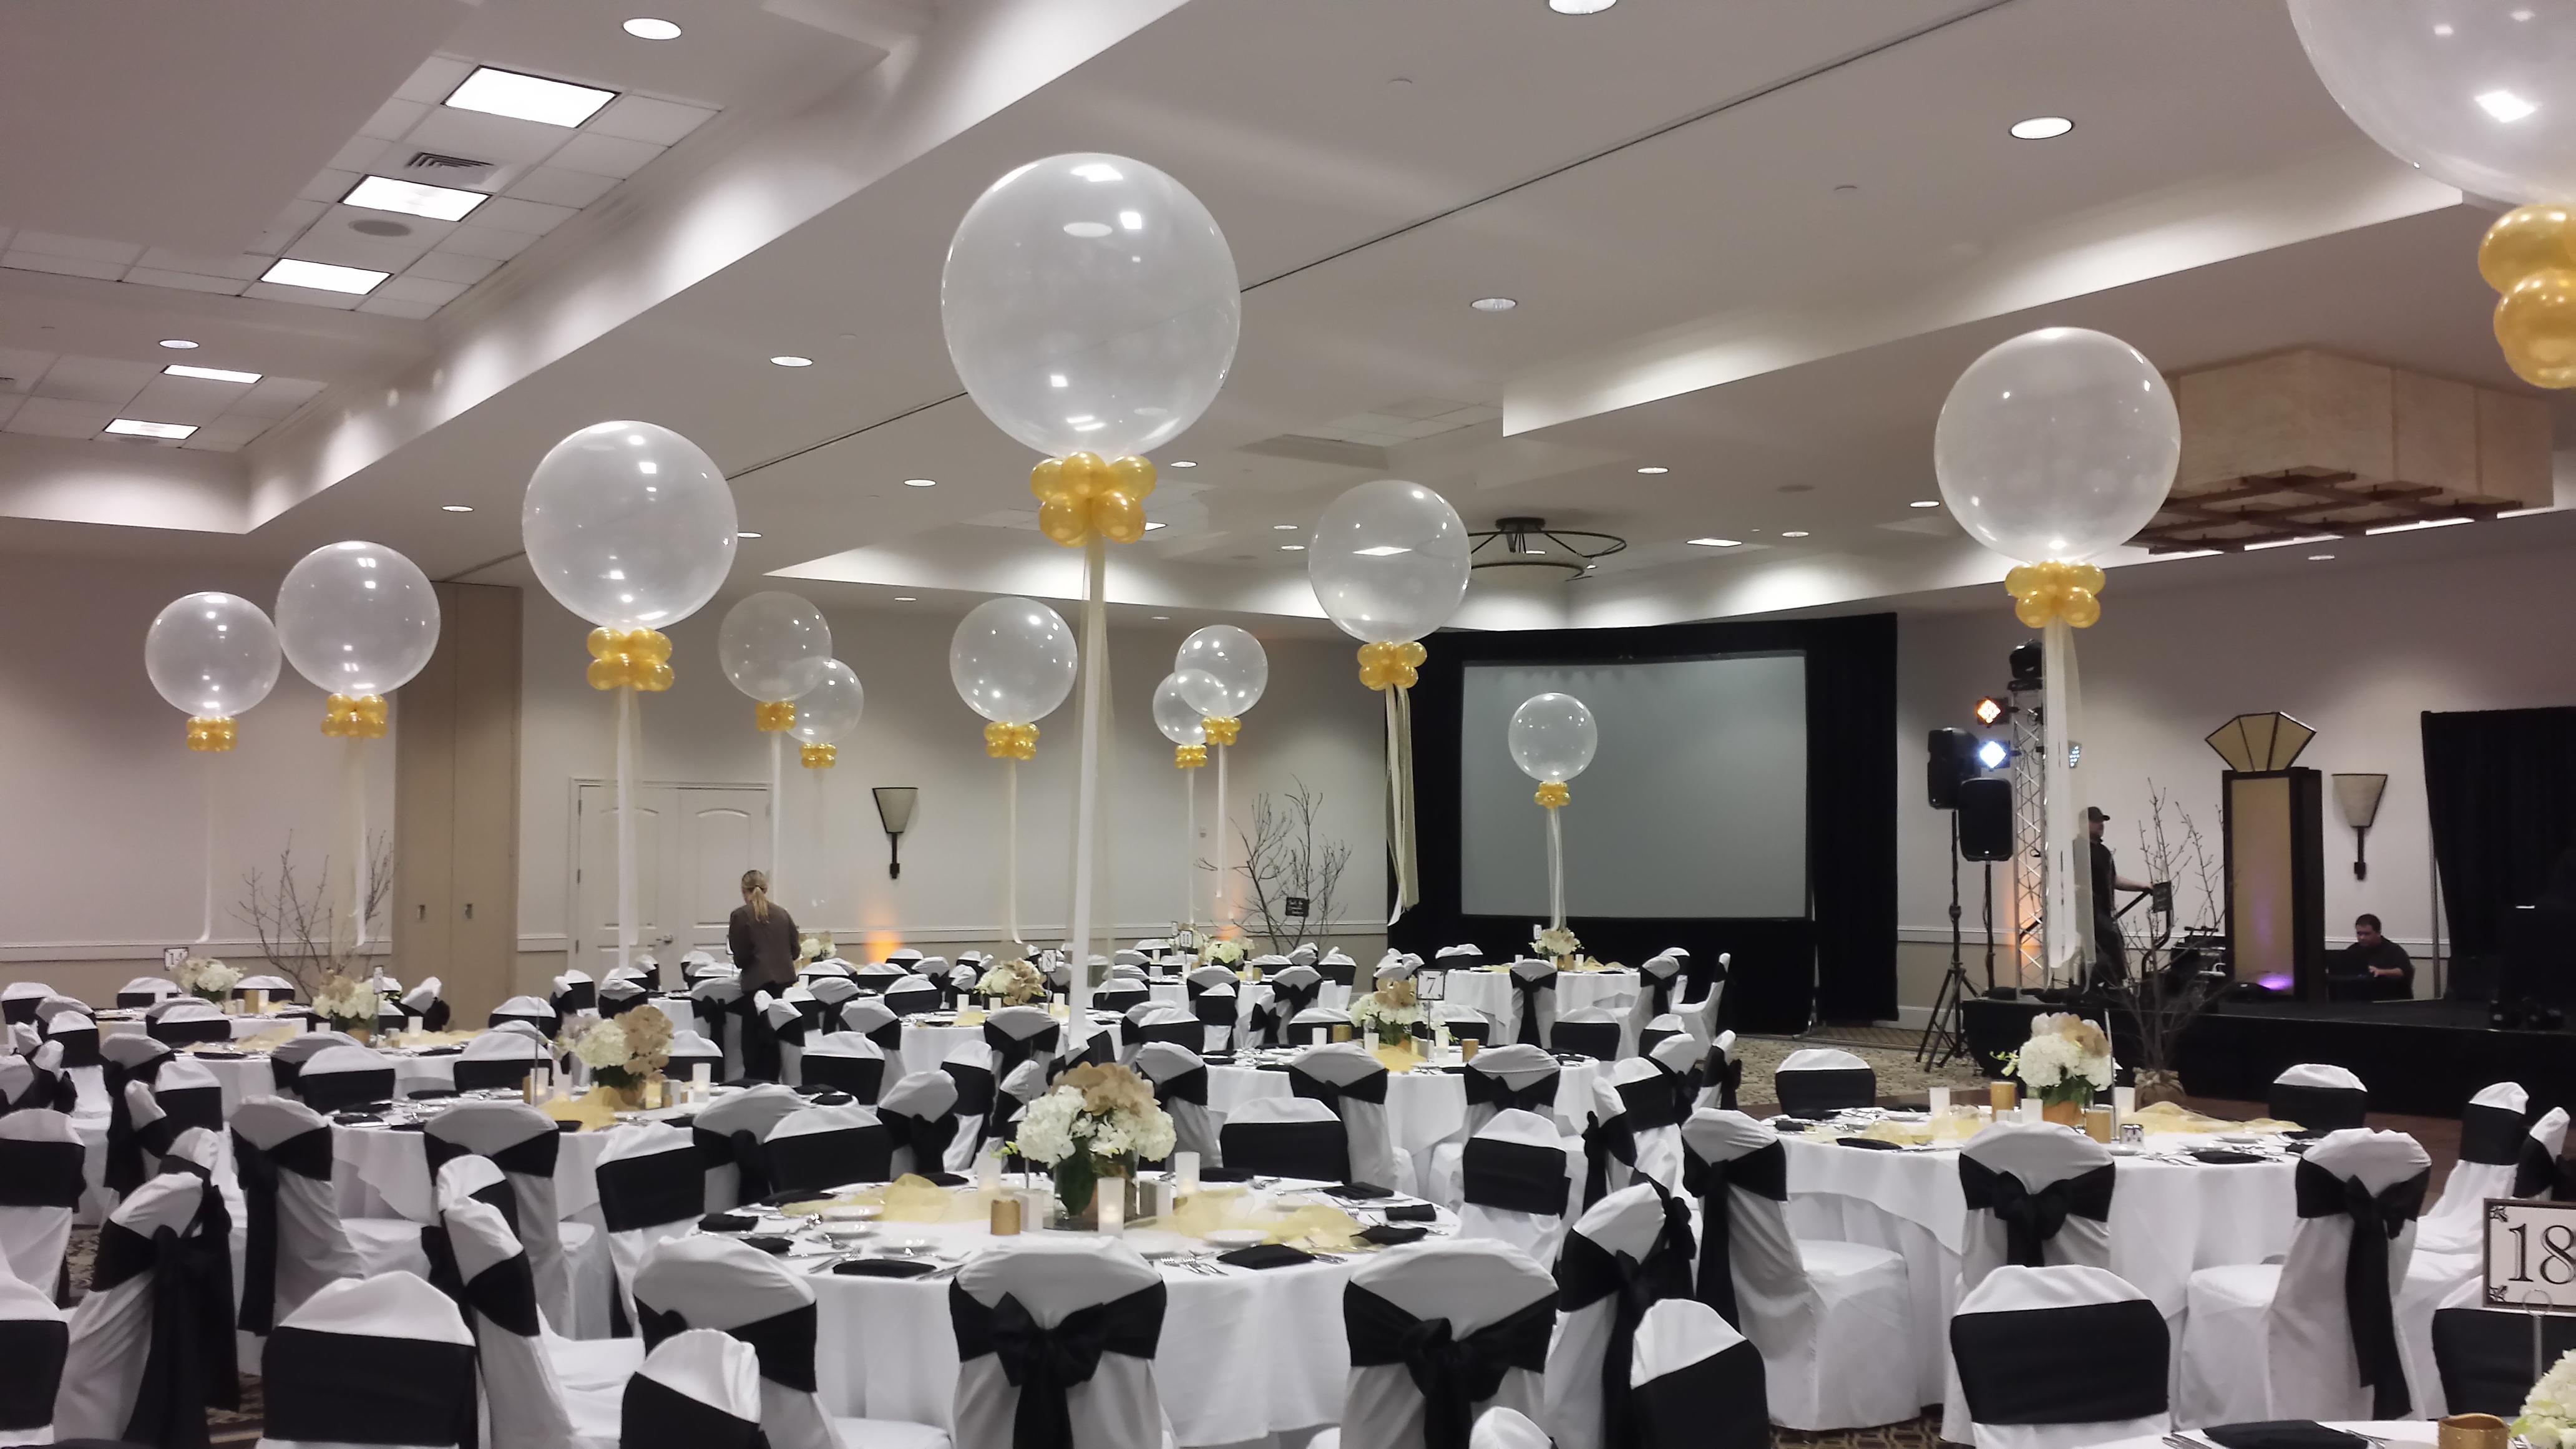 Baloons Banquet Hall